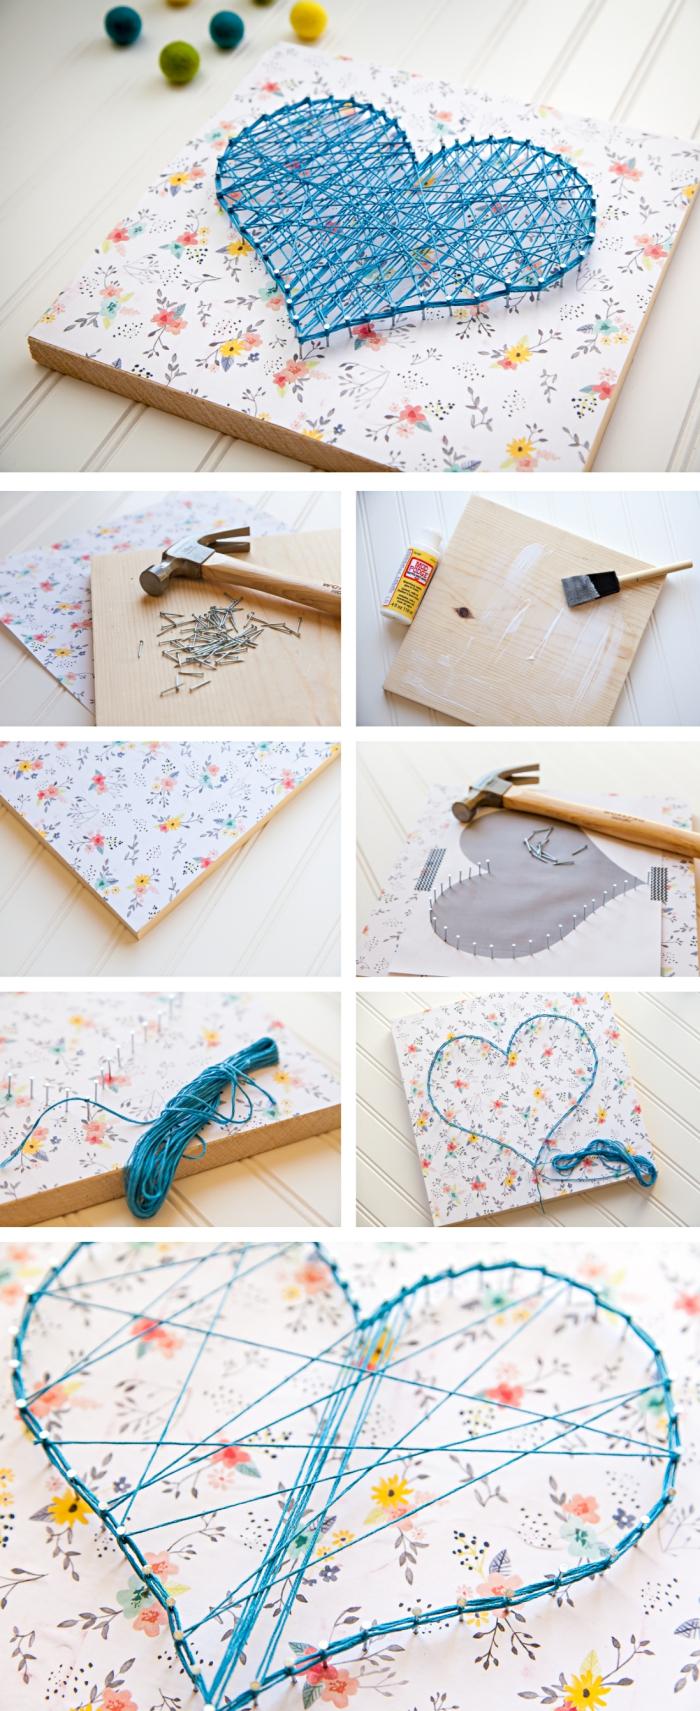 étapes à suivre pour maîtriser la technique de faire un objet décoratif en fil tendu, modèle de panneau décoratif à design floral et coeur